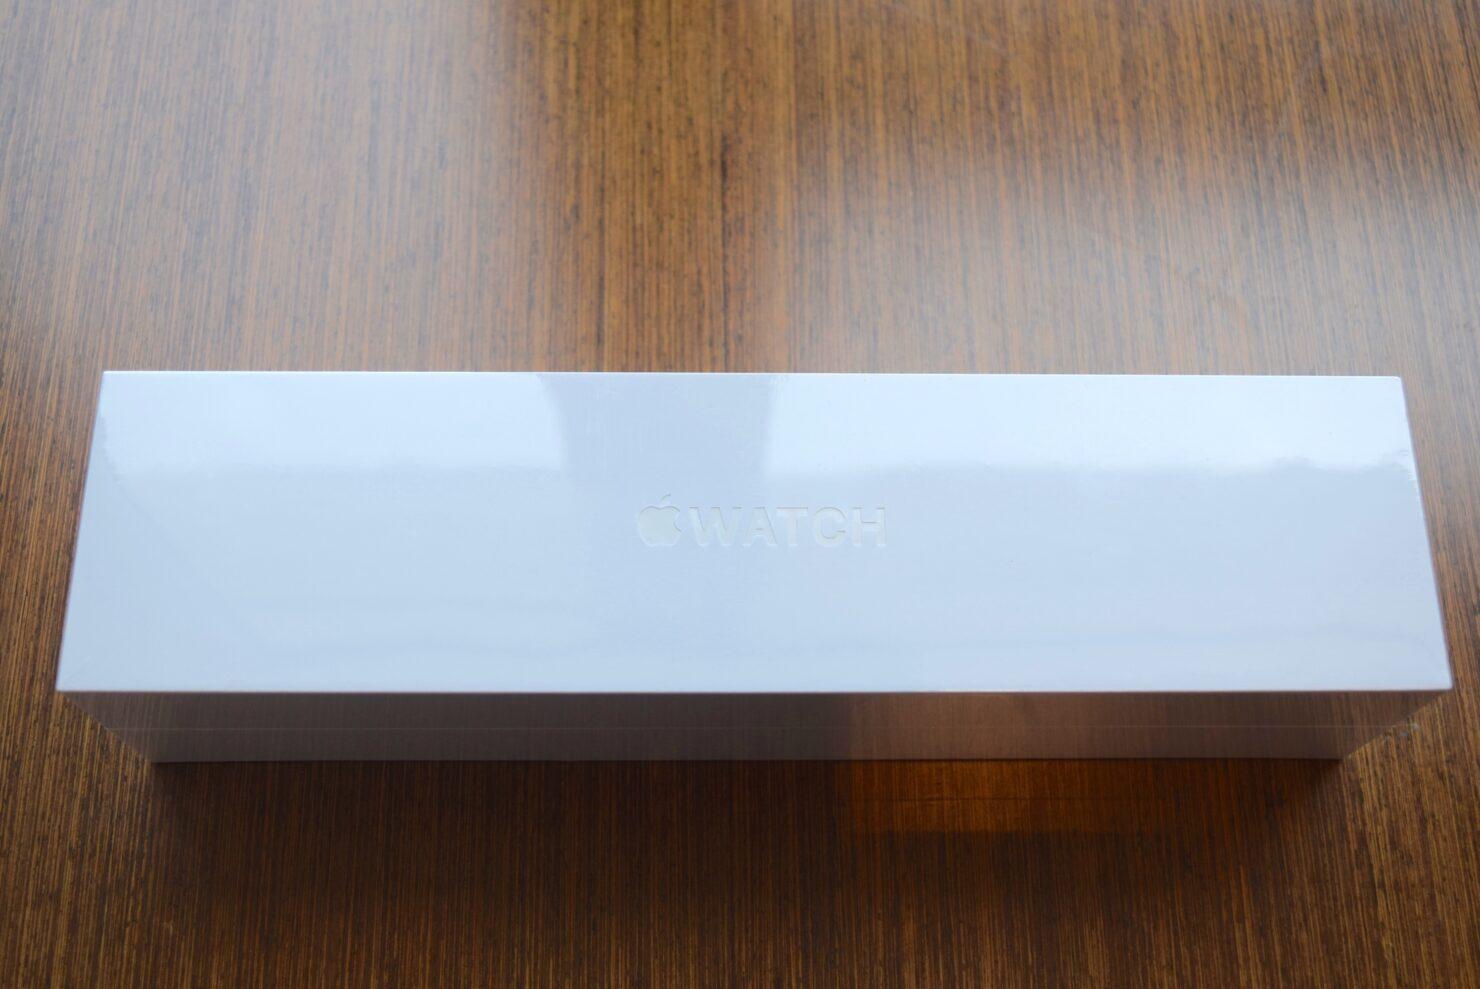 apple-watch-unboxing-dsc_0190